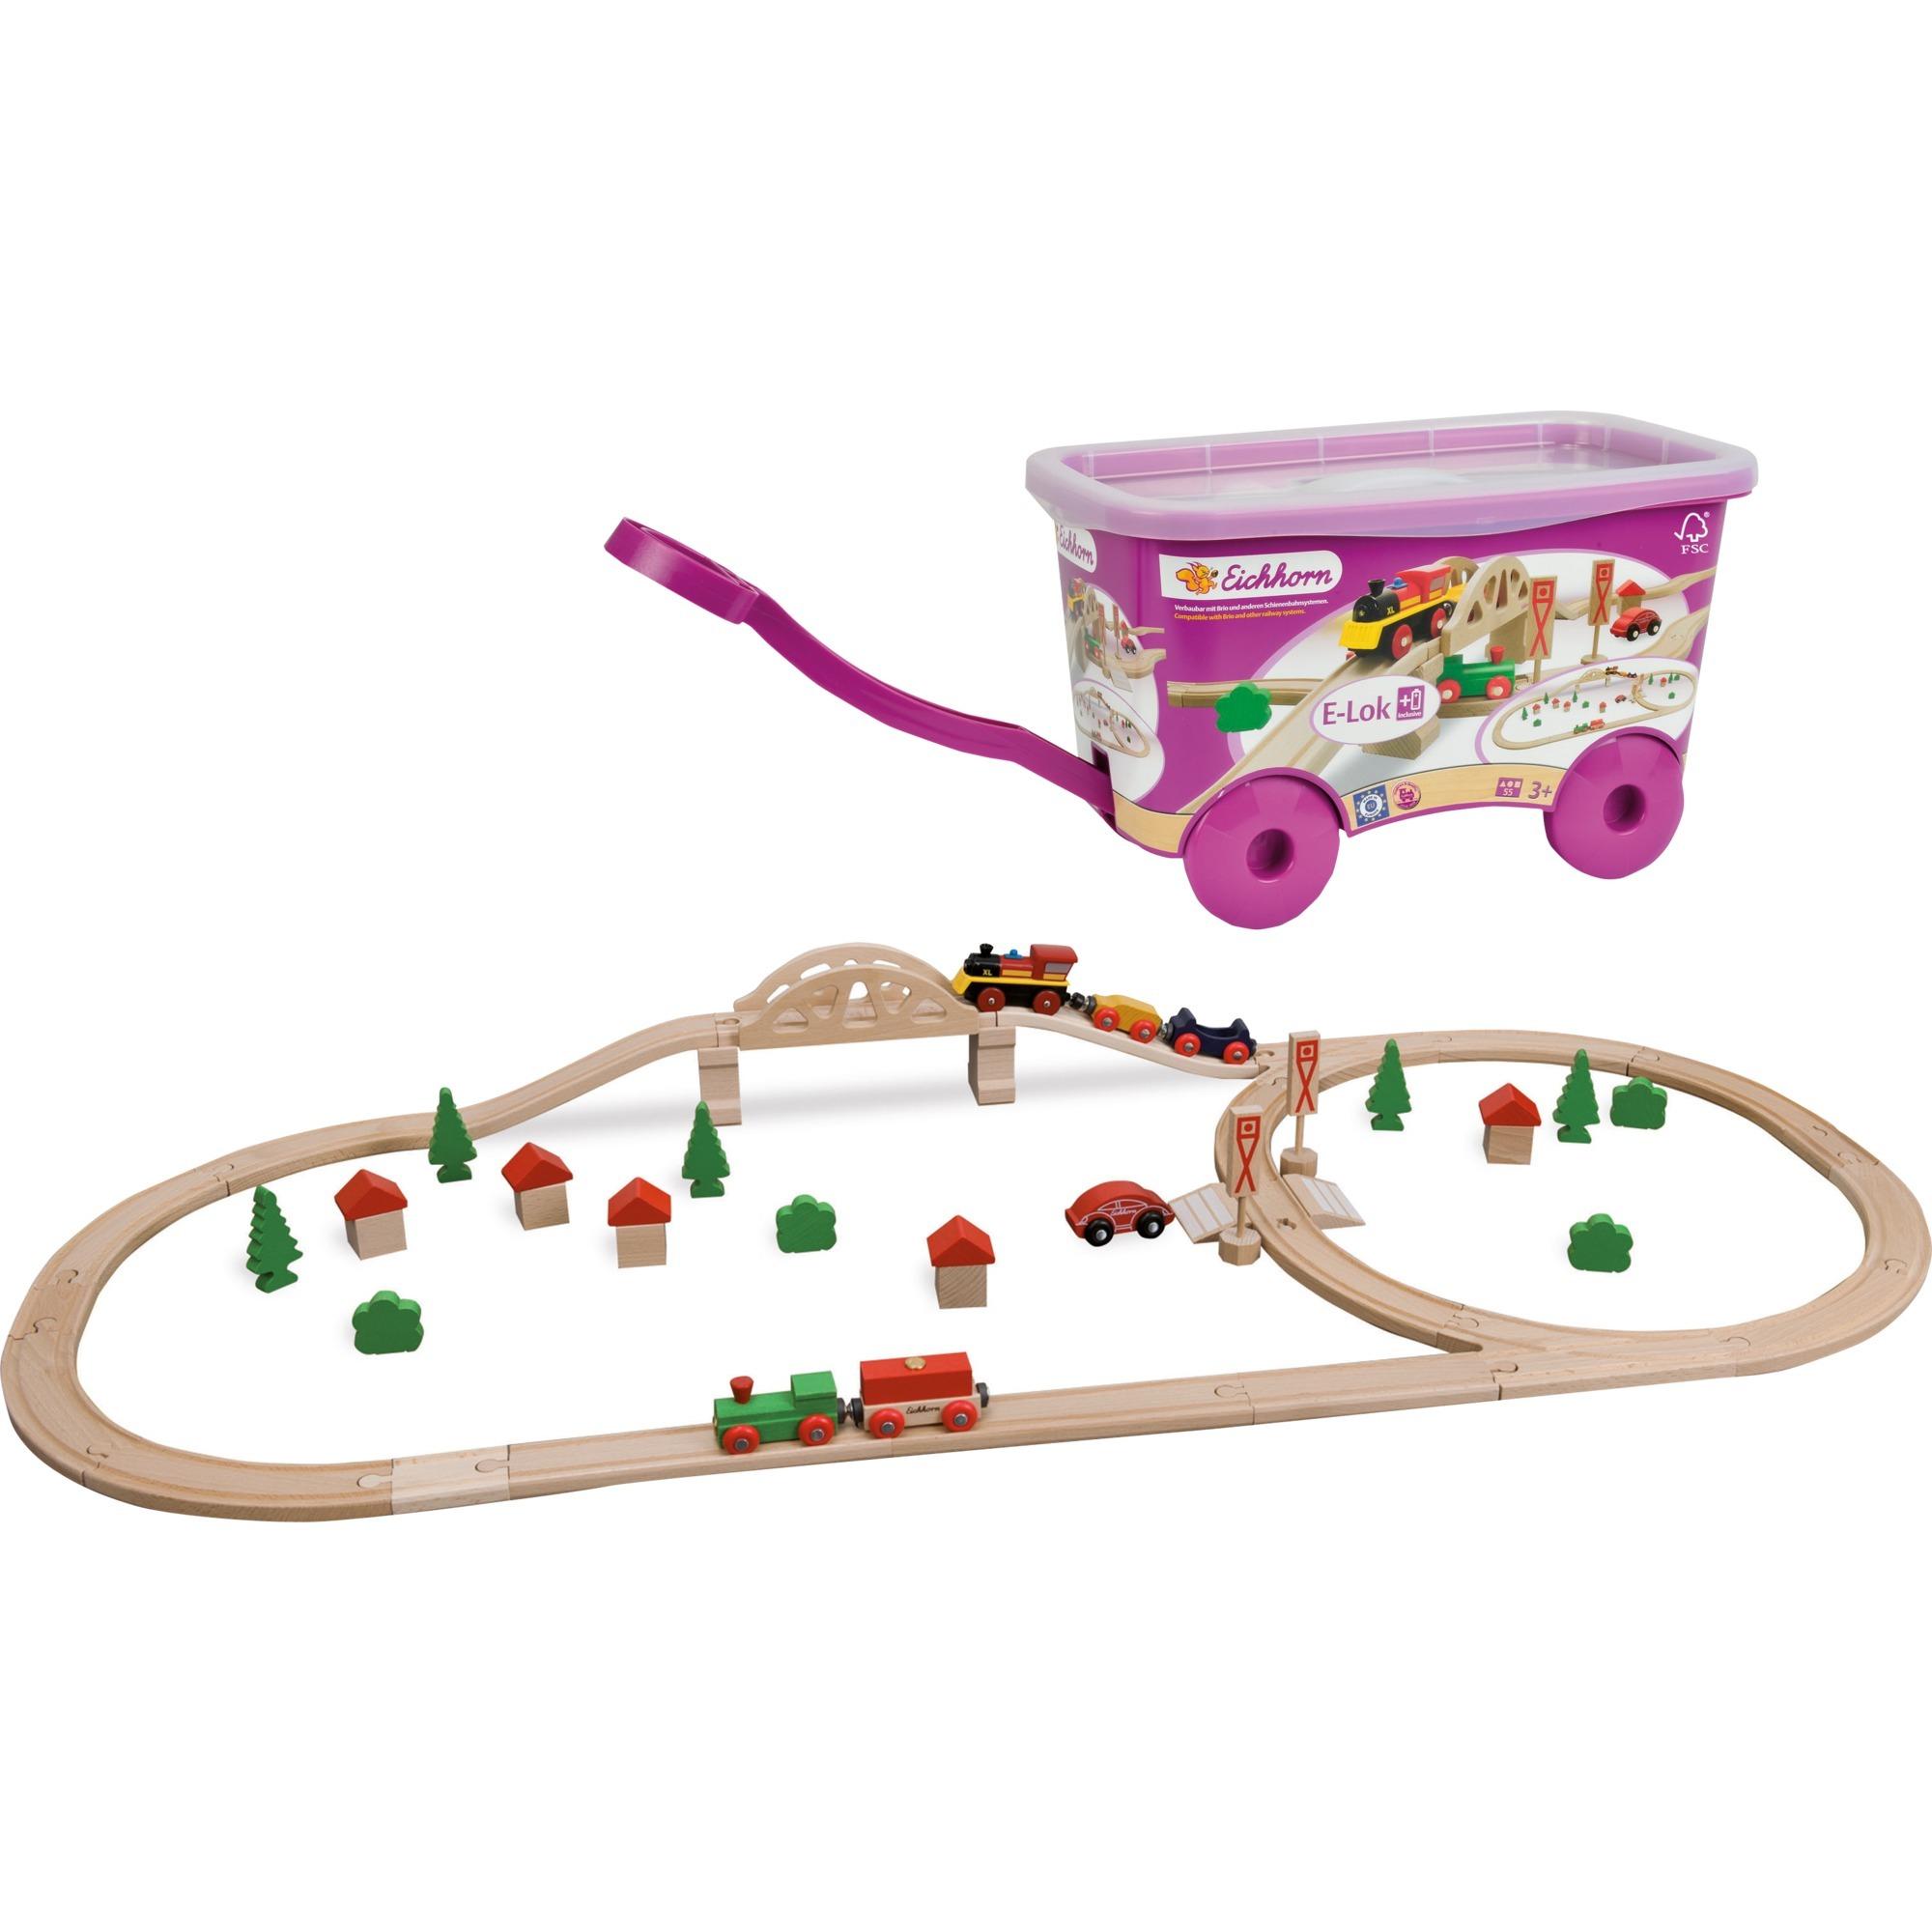 100001275 modelo de ferrocarril y tren, Juegos de construcción